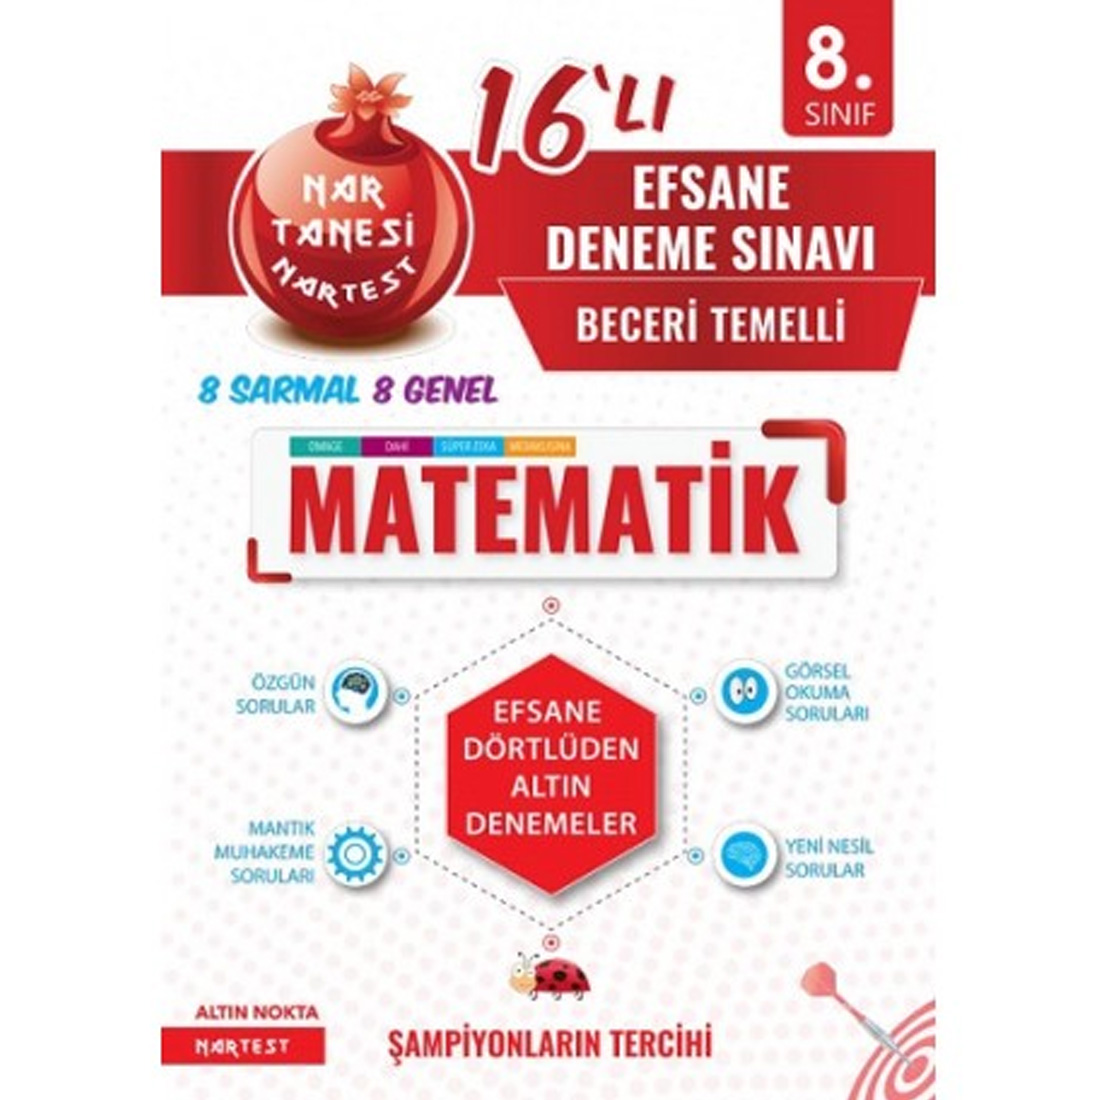 Nartest Yayınları 8. Sınıf Matematik 16 lı Efsane Deneme Sınavı Nartest